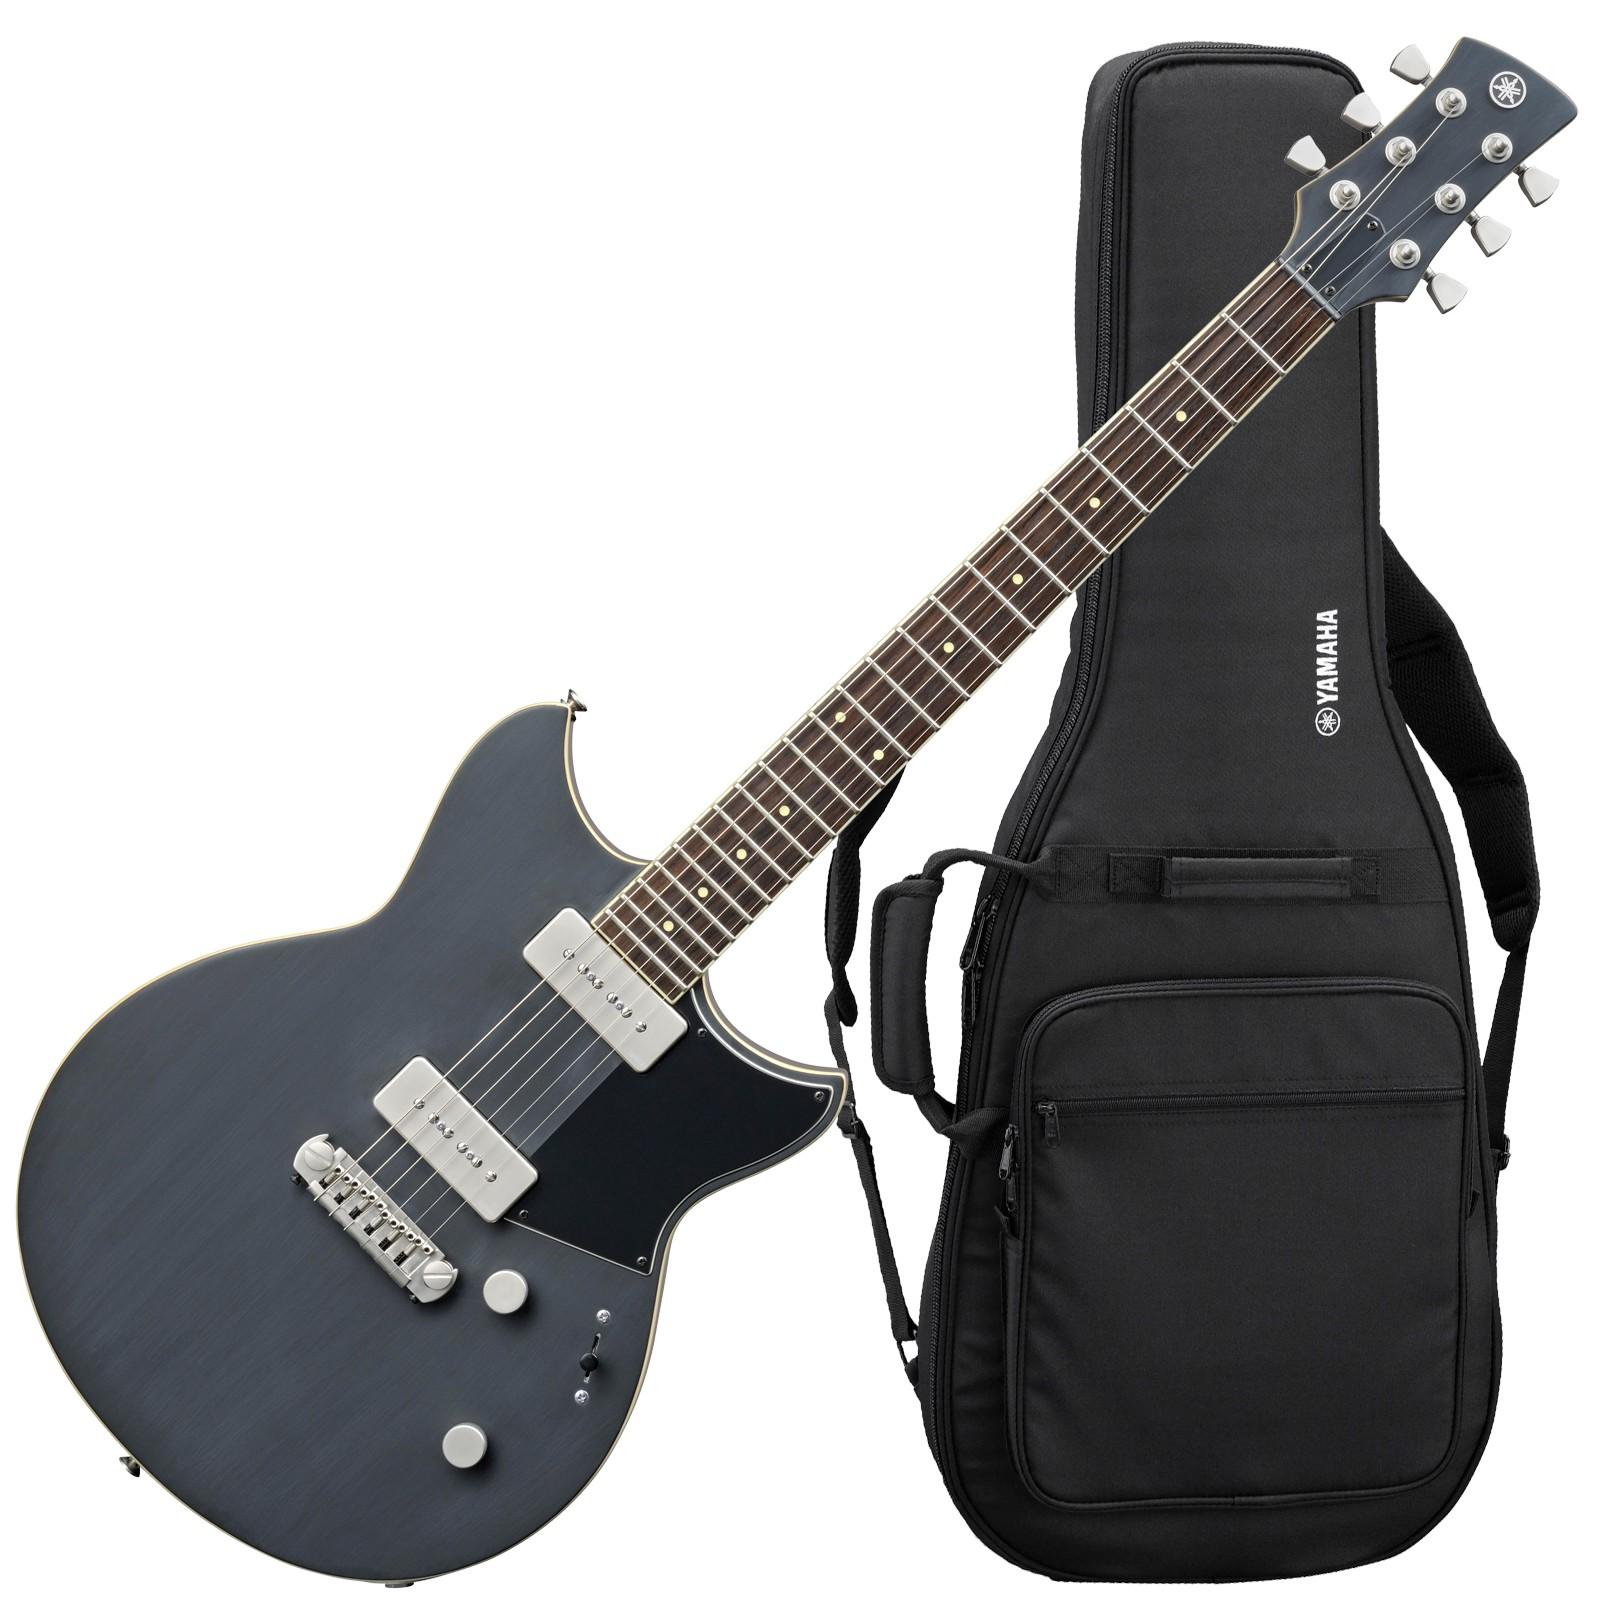 yamaha revstar rs502 electric guitar shop black ebay. Black Bedroom Furniture Sets. Home Design Ideas